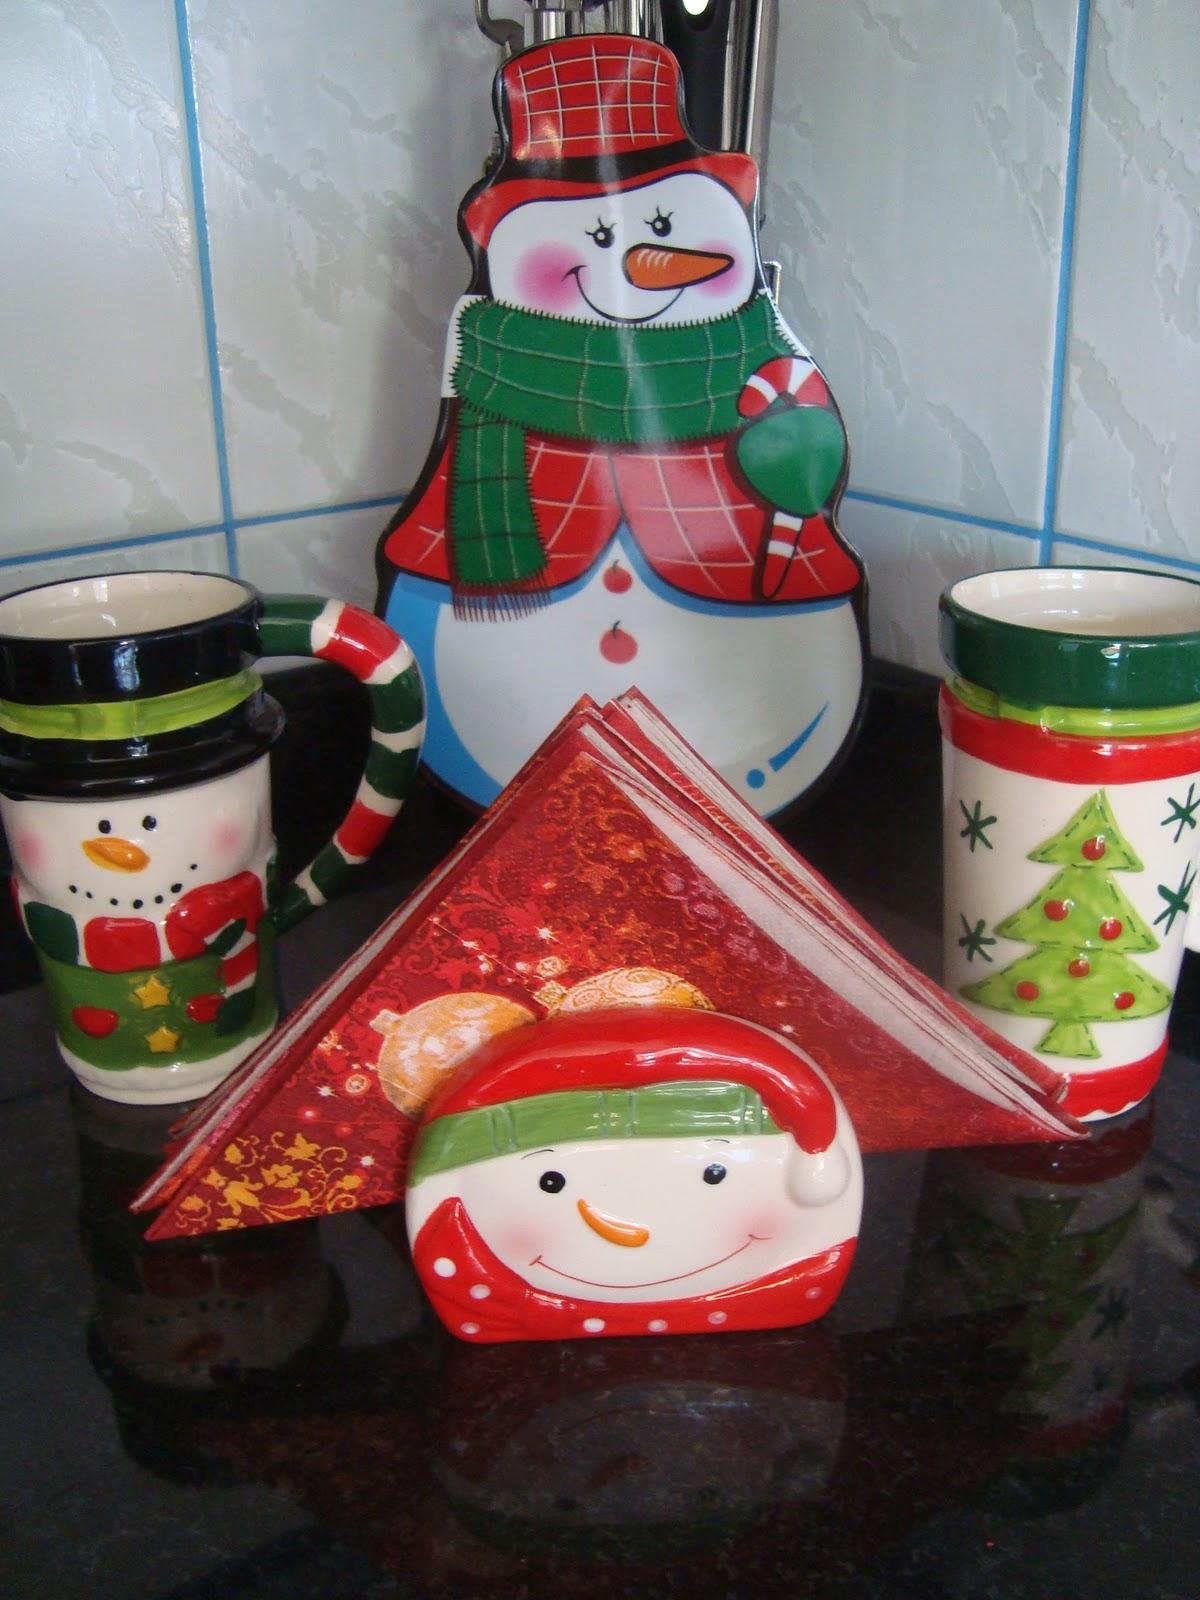 decoracao cozinha natal : decoracao cozinha natal:Árvore de Natal com morangos, está eu coloquei em cima da geladeira